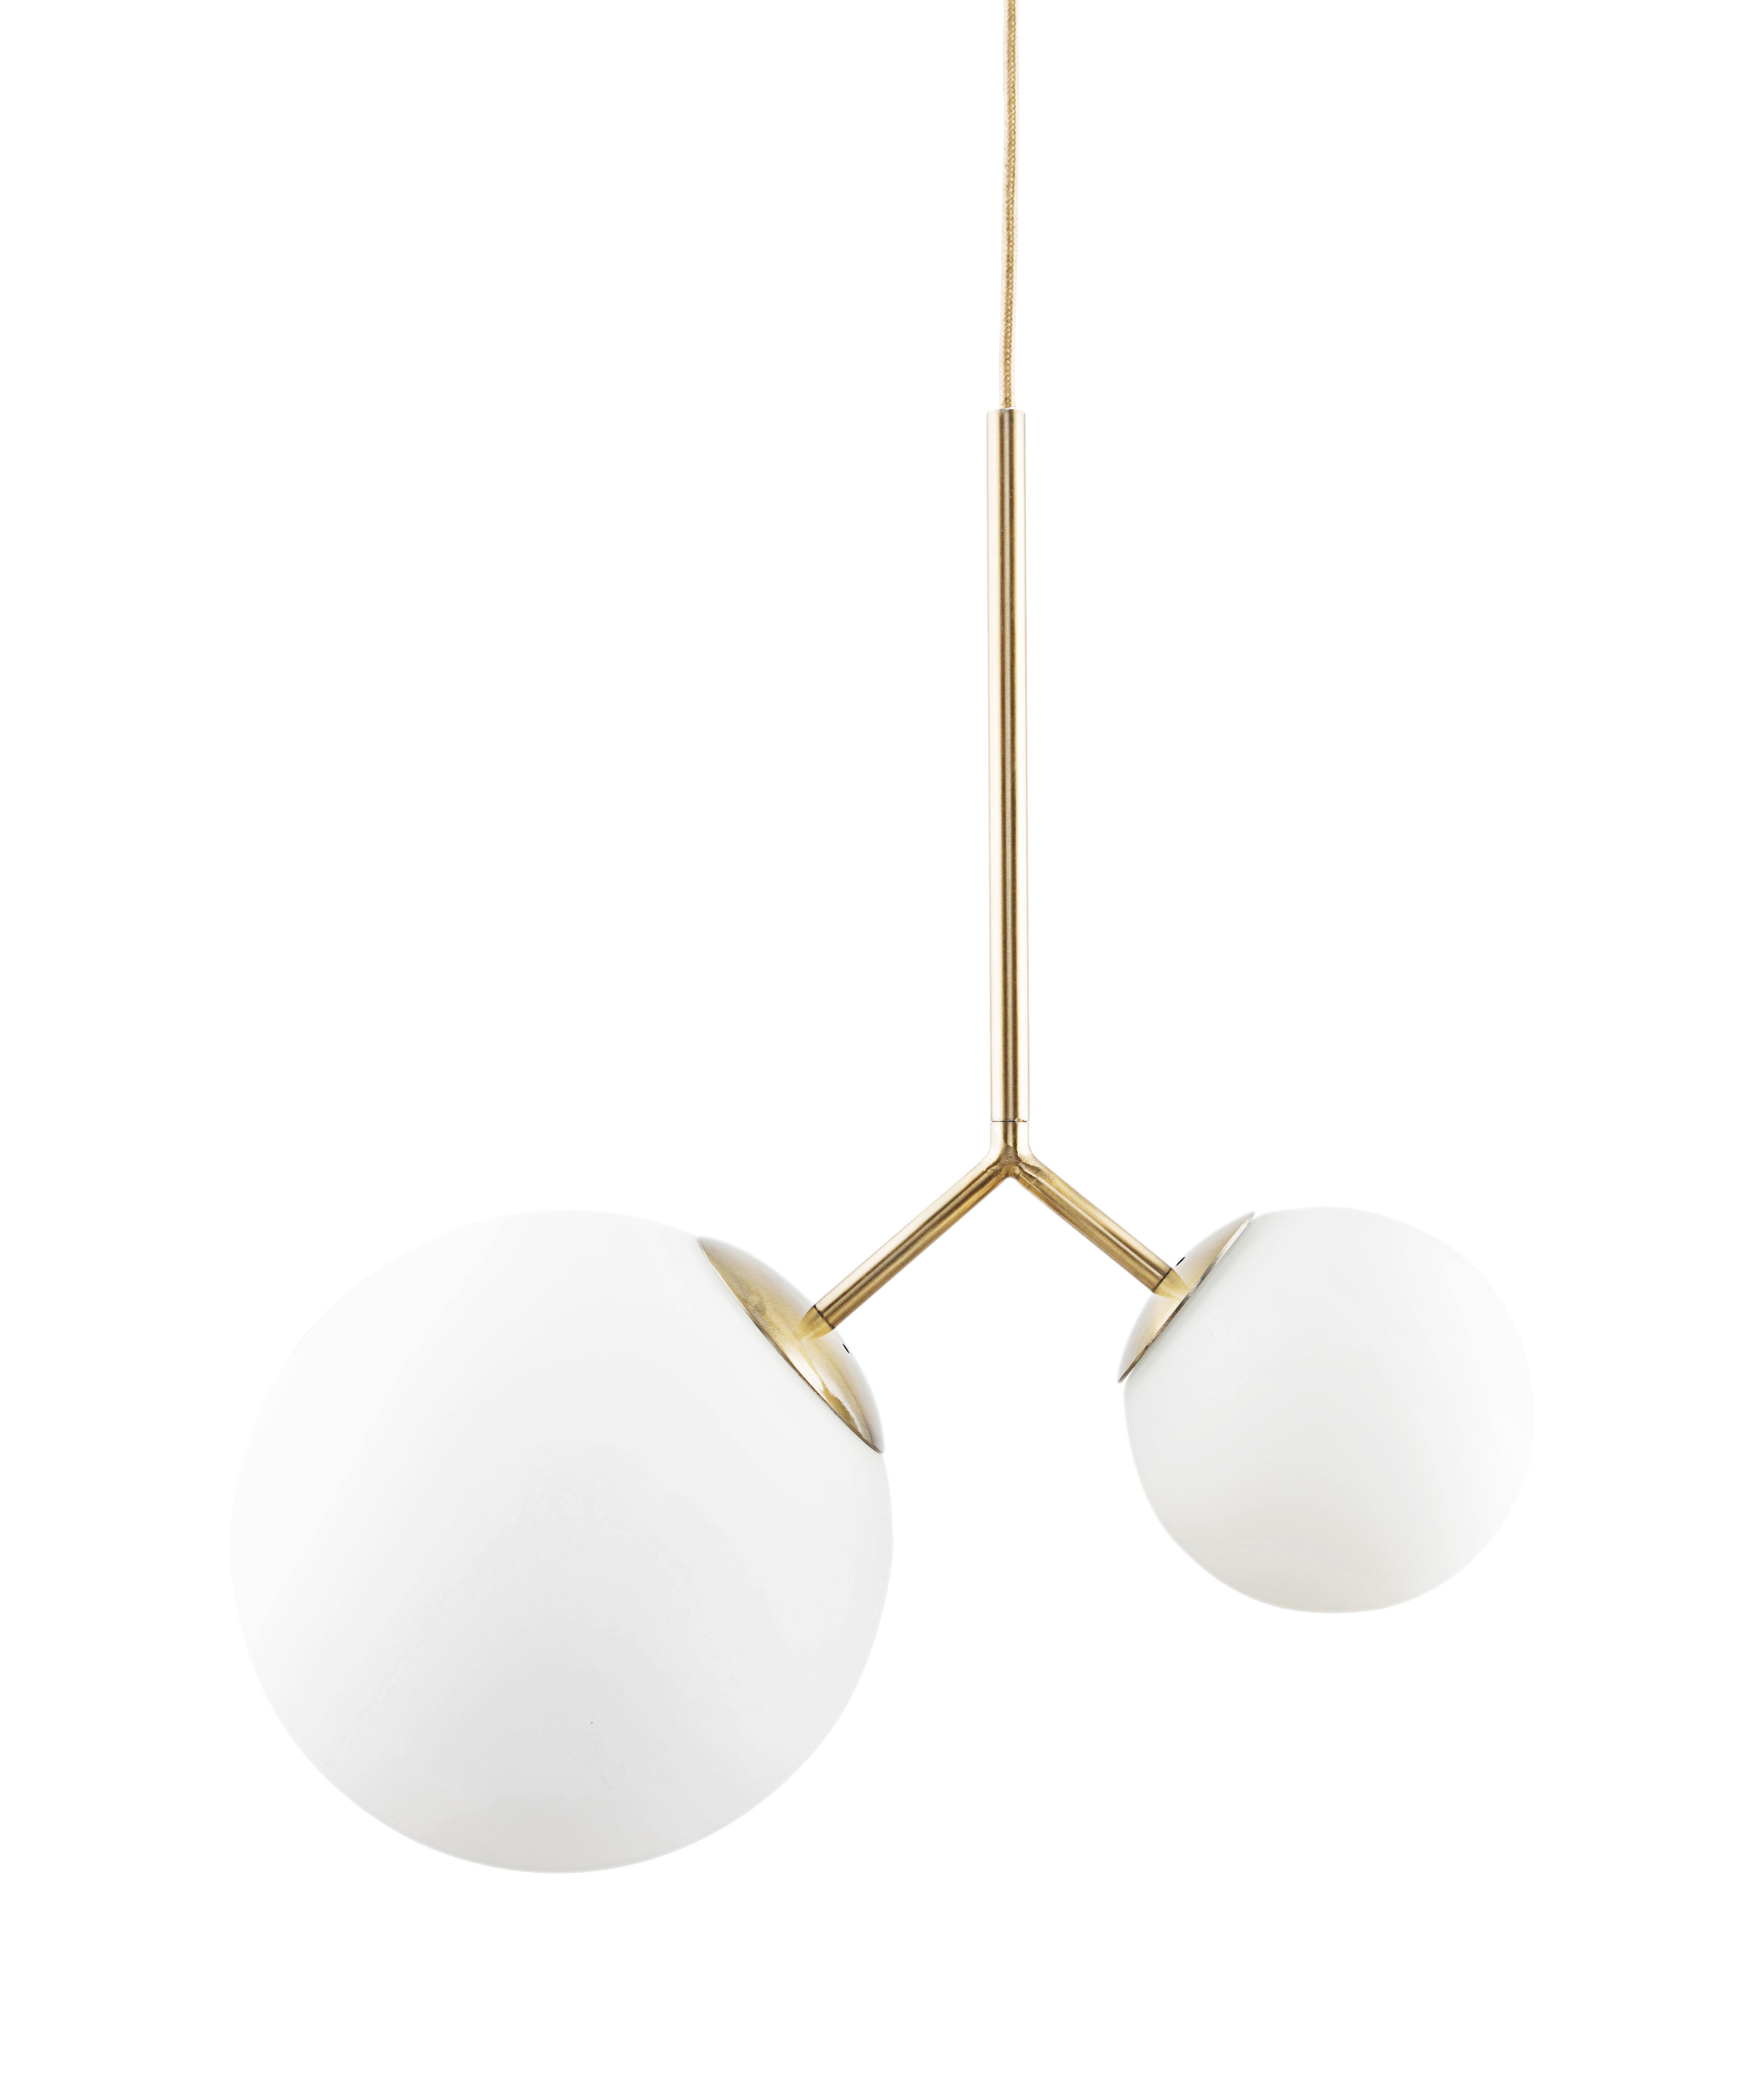 Luminaire - Suspensions - Suspension Twice / Verre - H 70 cm - House Doctor - Blanc / Laiton - Laiton, Verre soufflé